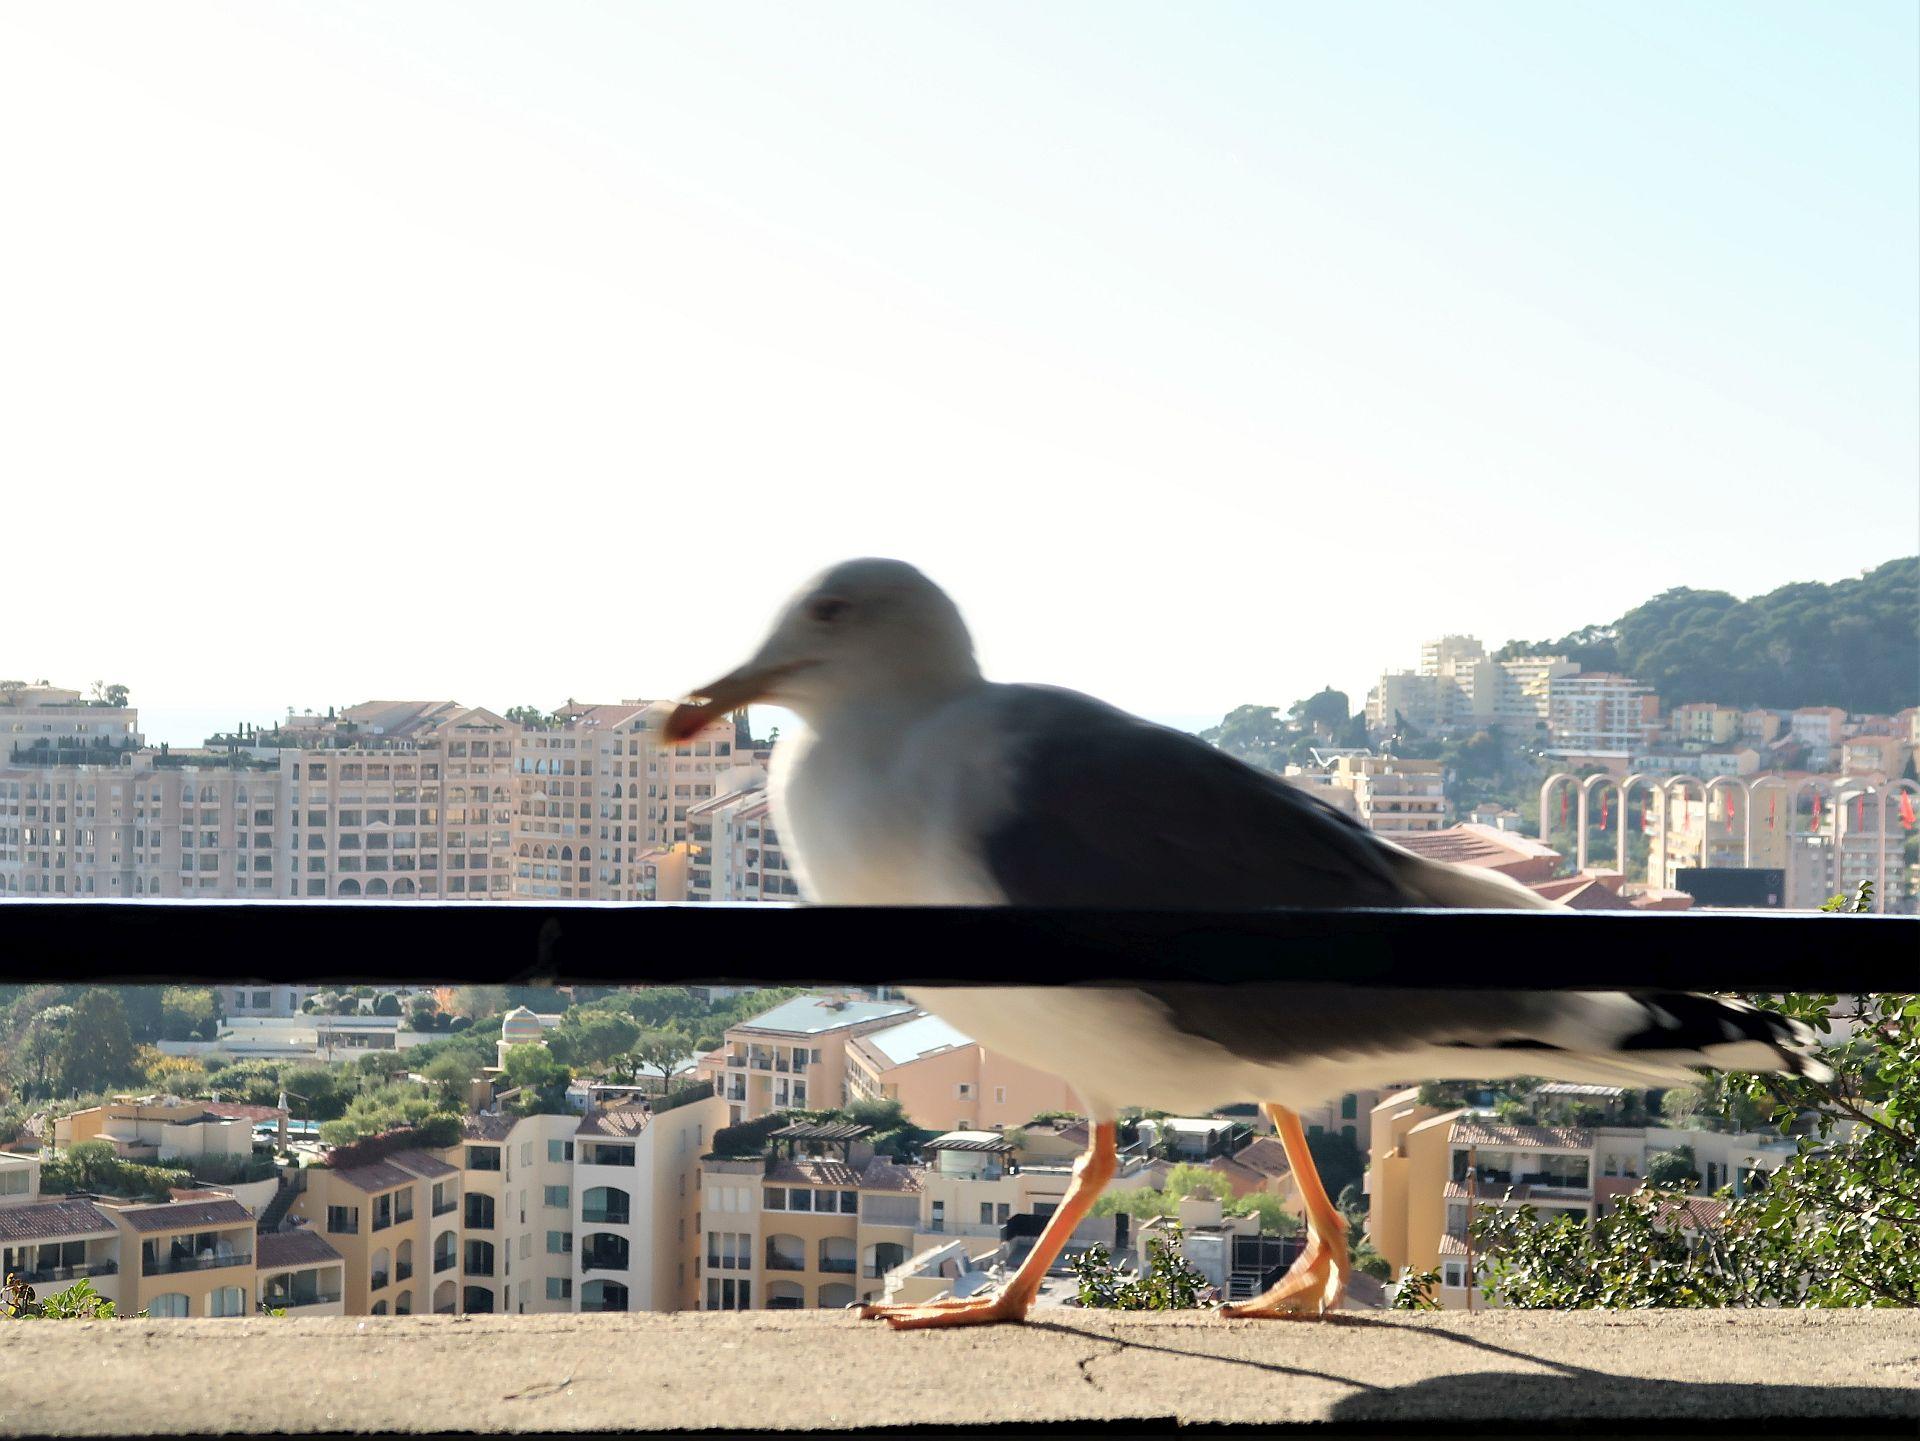 Möwe in der Altstadt von Monte Carlo